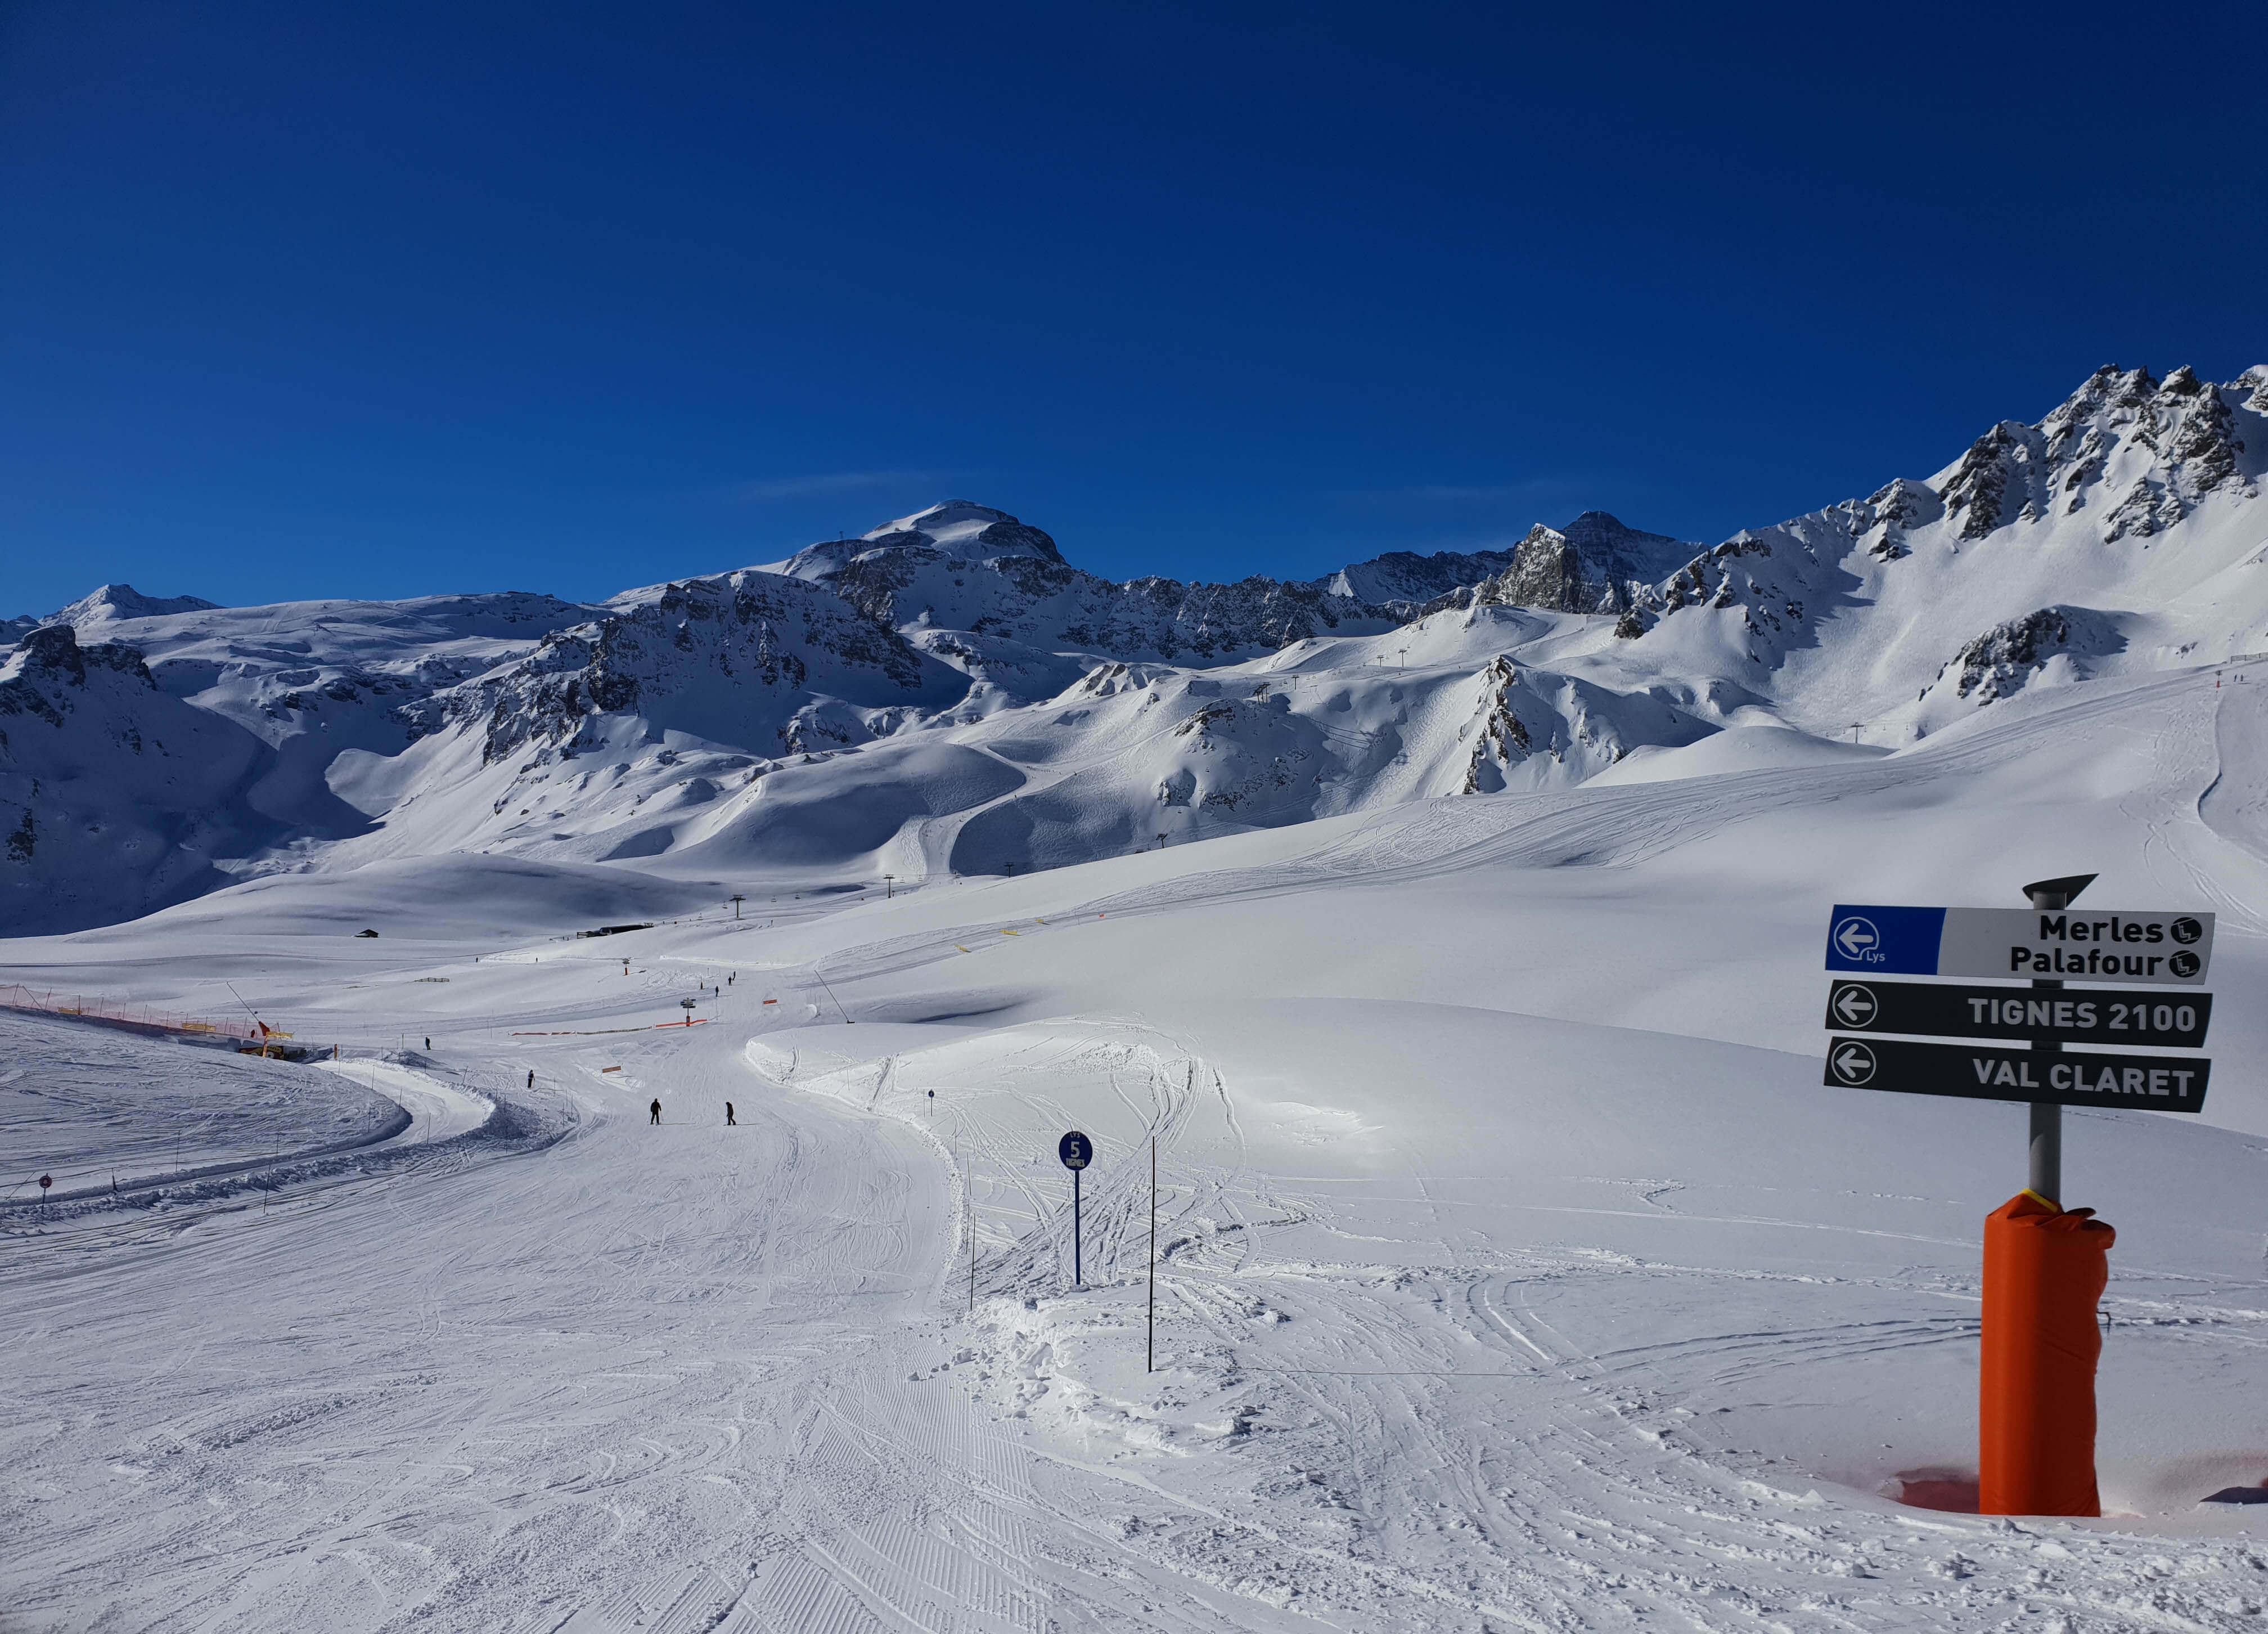 Weer in Tignes, sneeuwhoogte en webcam